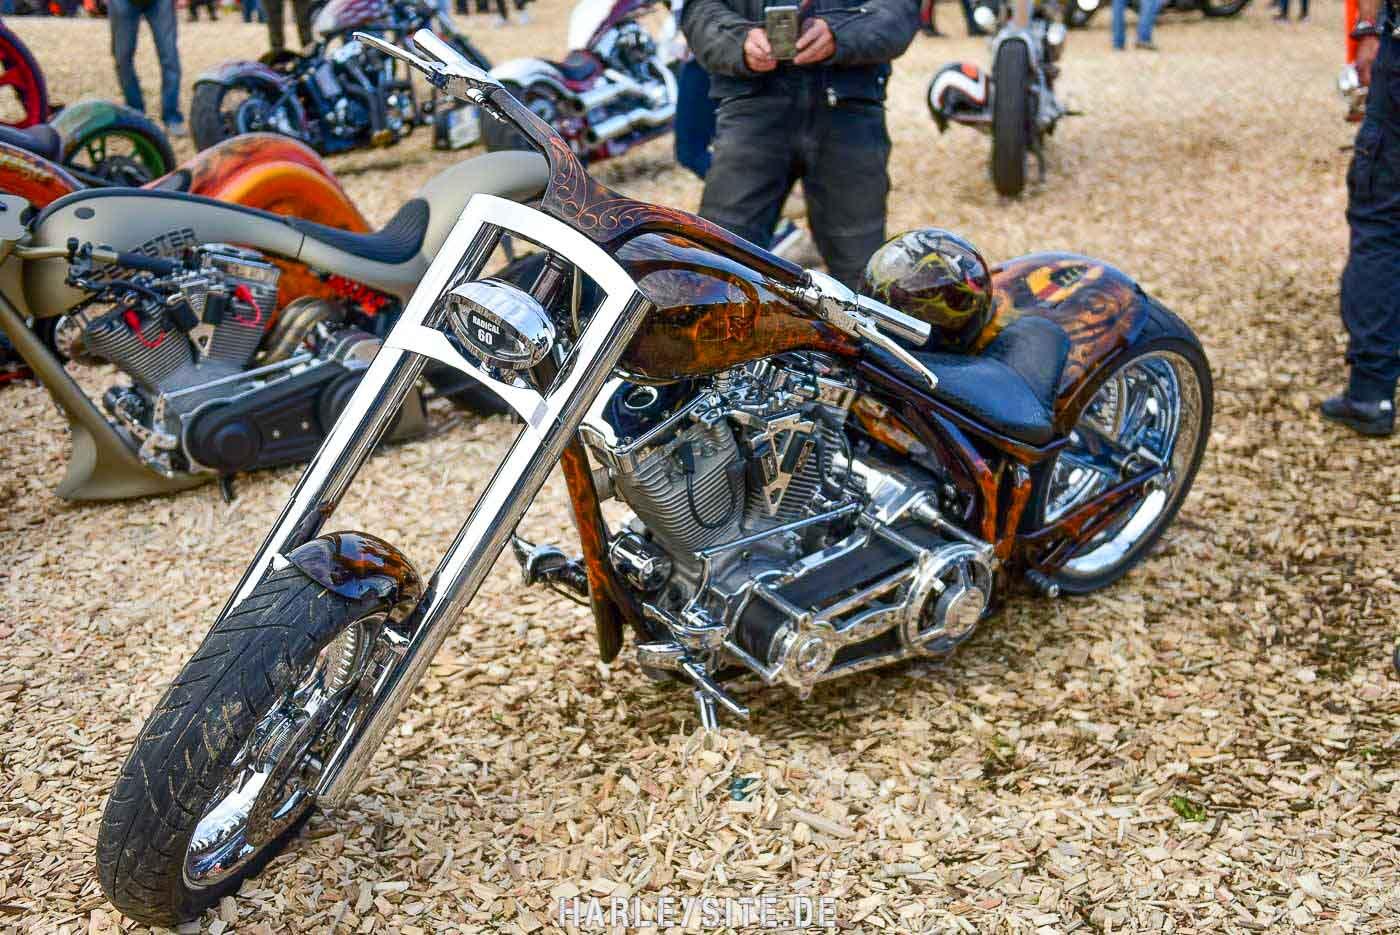 Bike Show im Harley Village